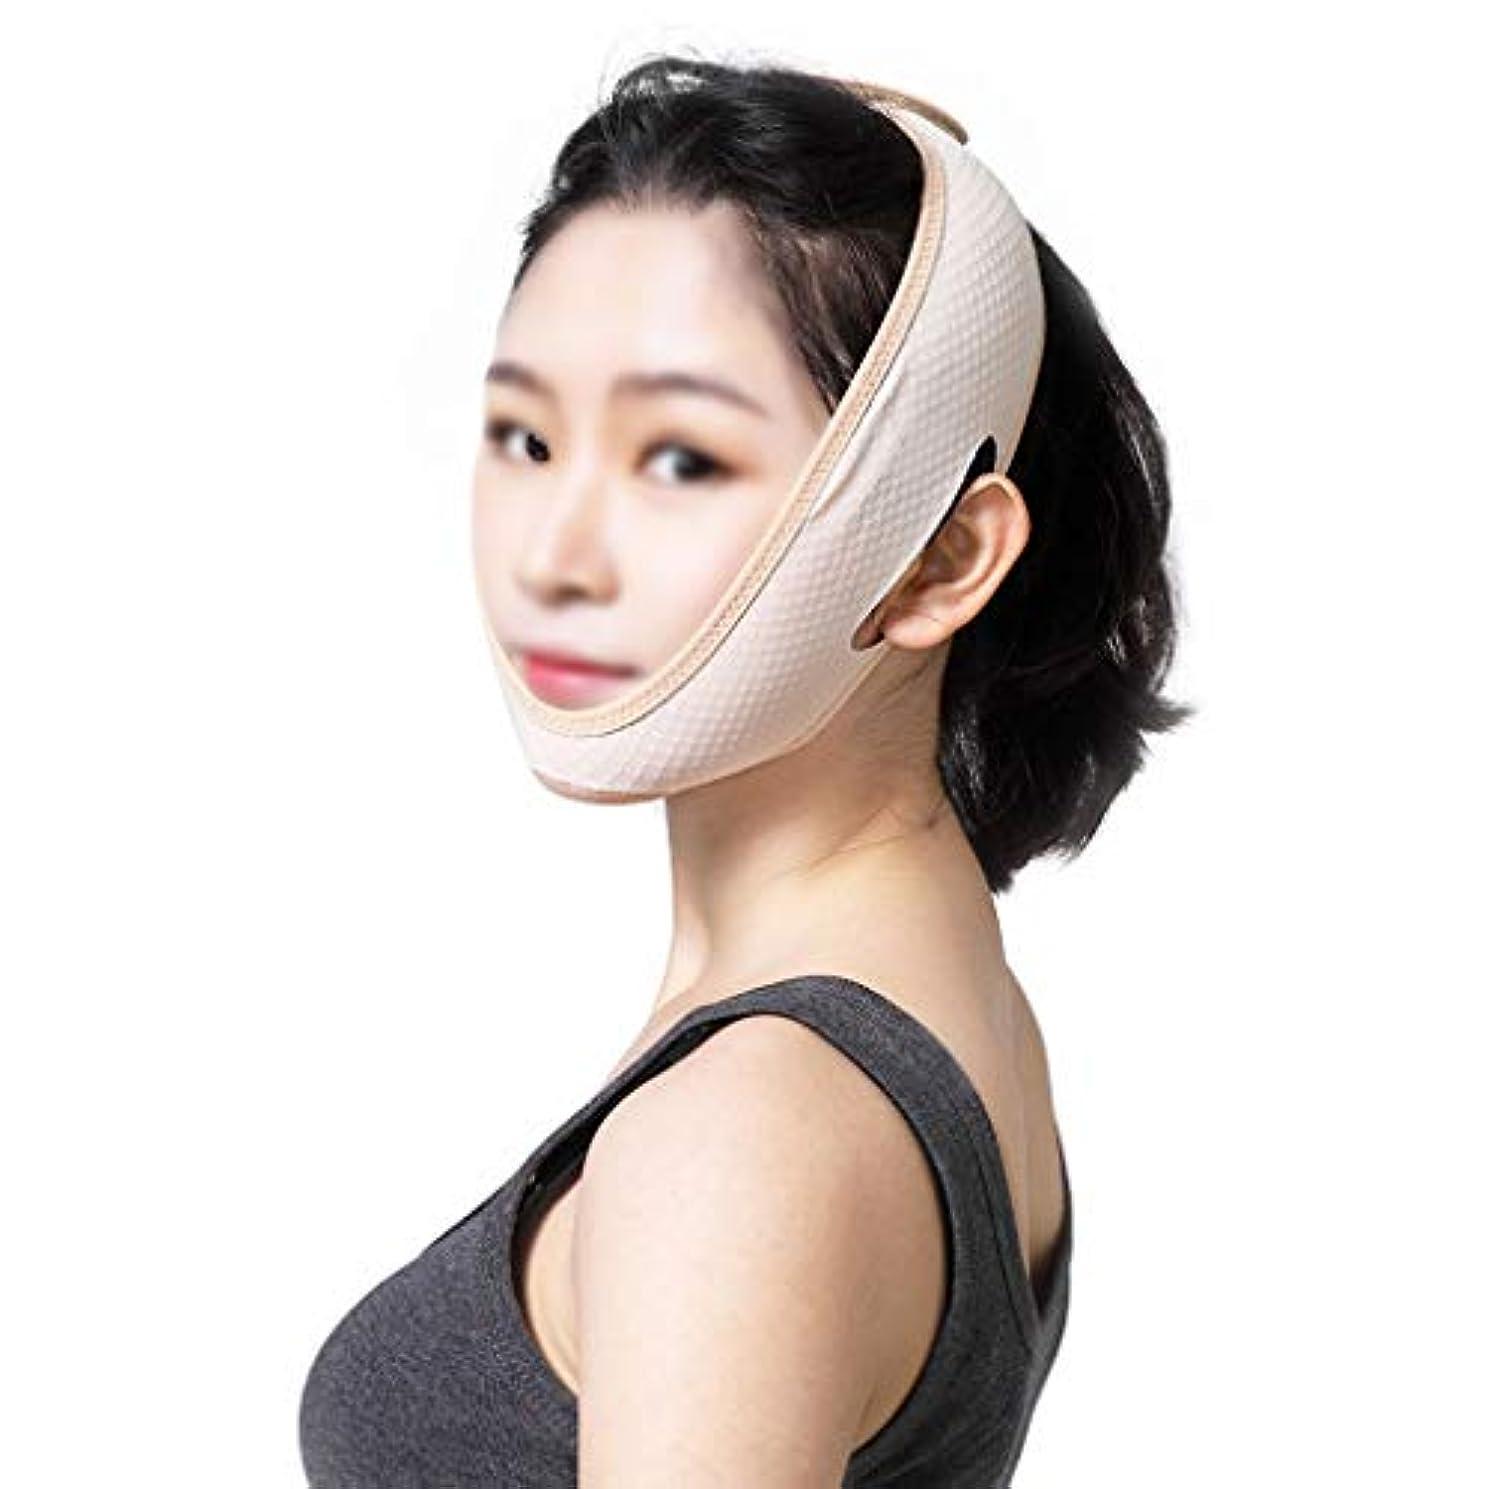 配管刈り取るゴールドTLMY 顔面リフティング包帯術後回復マスクリフティング包帯薄い顔アーティファクトは、小さなV顔を作成する 顔用整形マスク